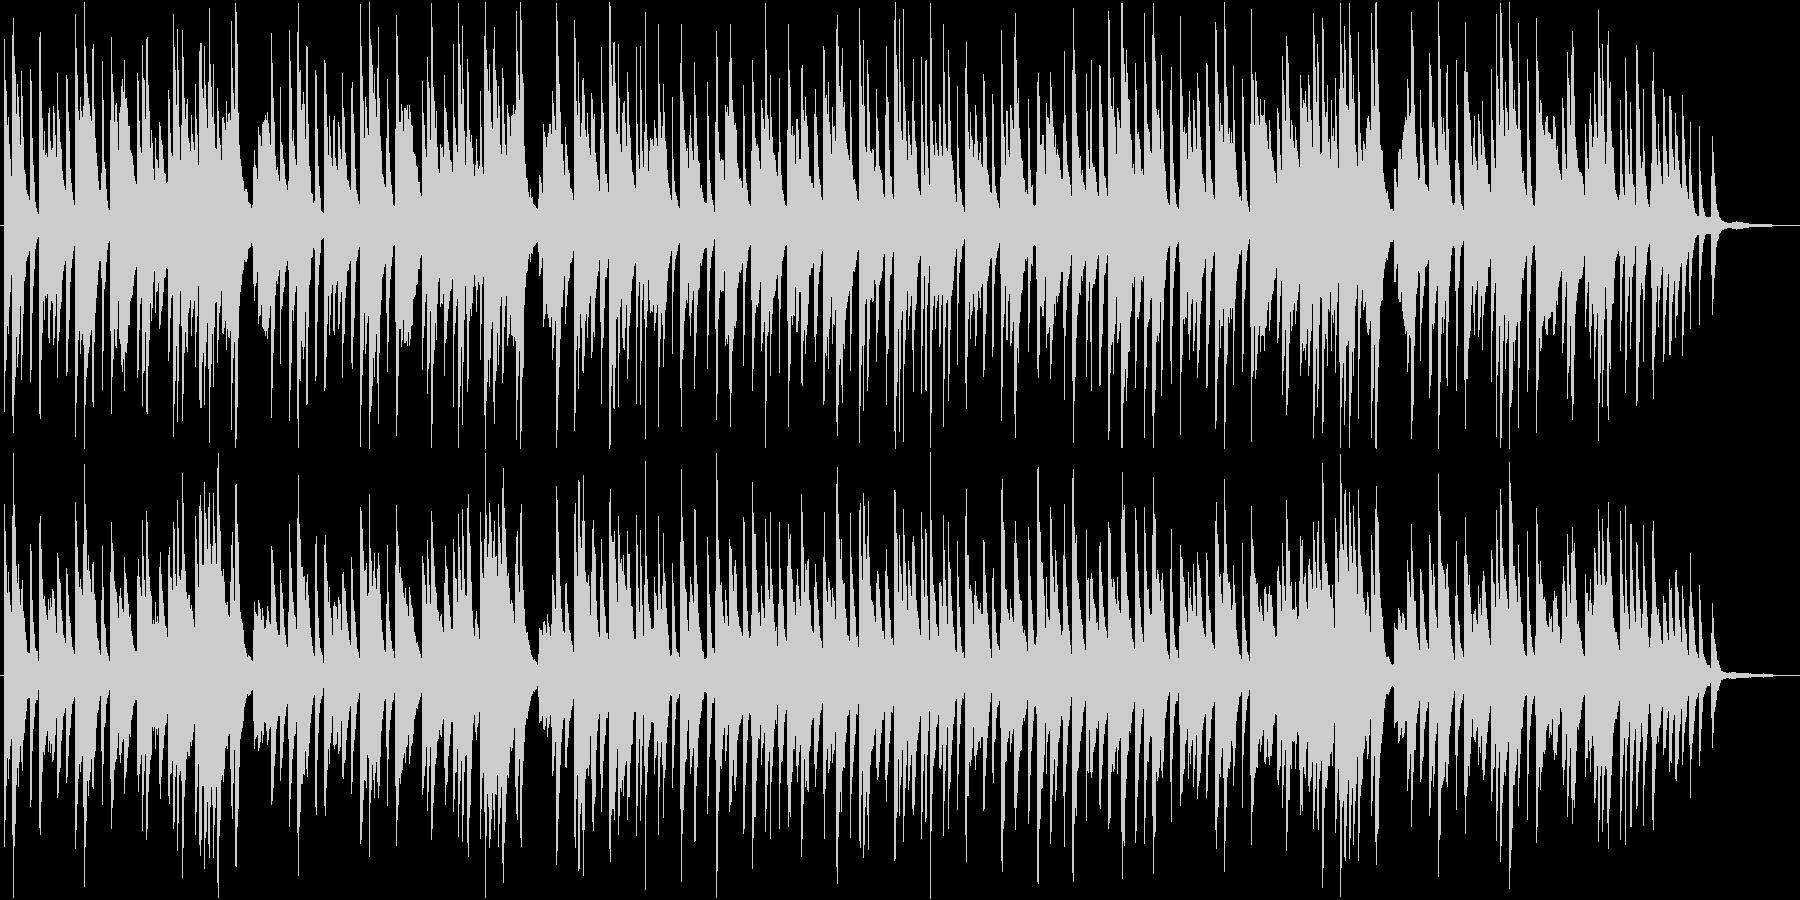 冬の日曜の朝のような雰囲気のピアノBGMの未再生の波形